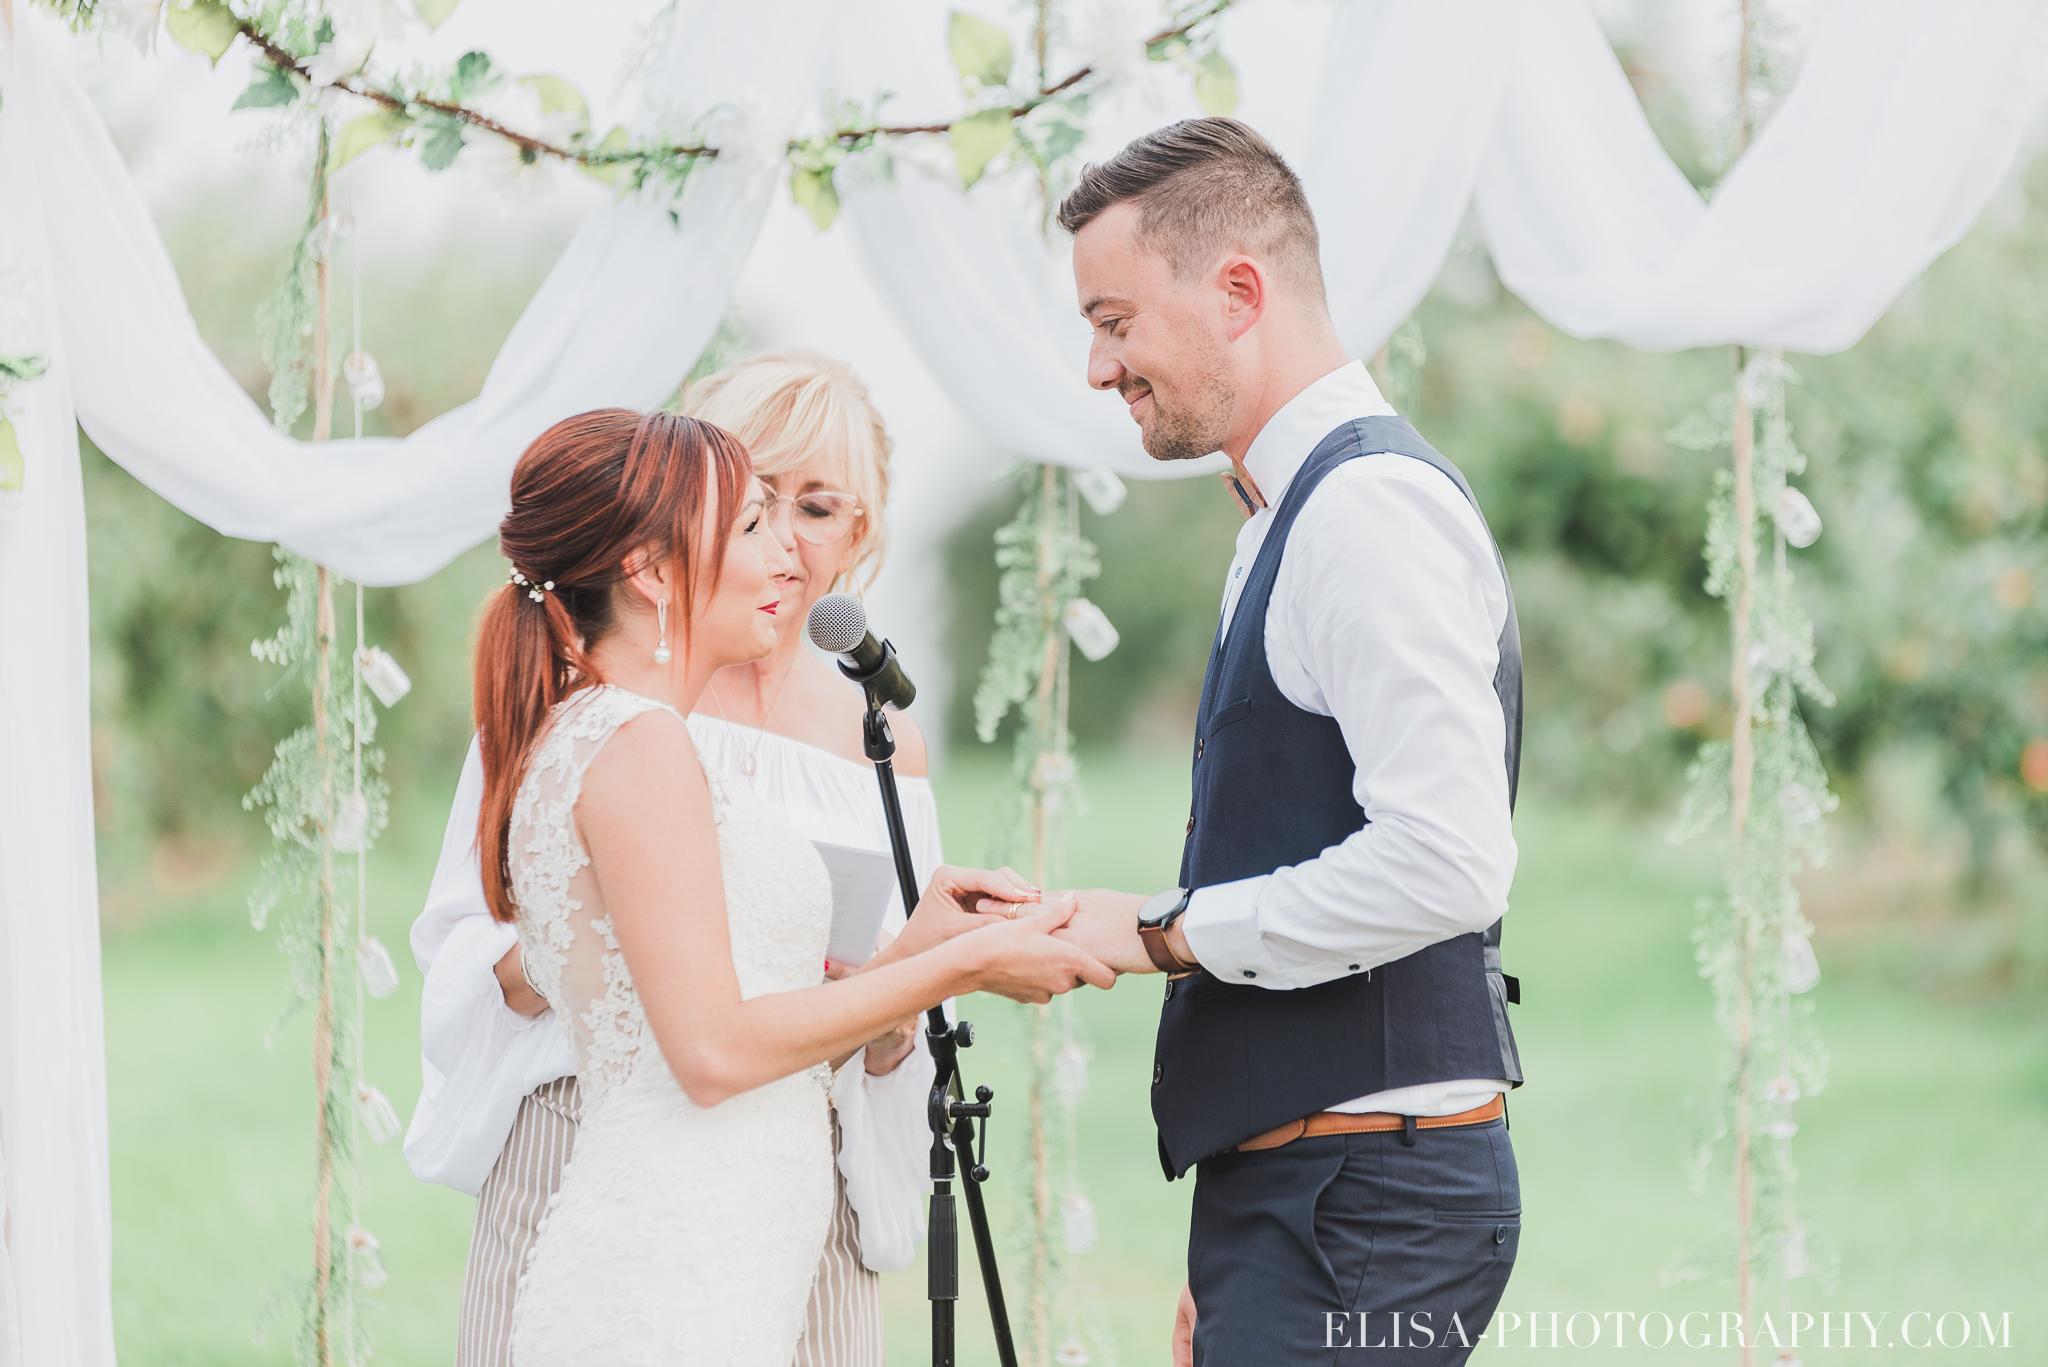 photo mariage ferme genest ceremonie verger pommier quebec 1494 - Smoke bomb et mariage dans les vergers de la Ferme Genest à Saint-Nicolas